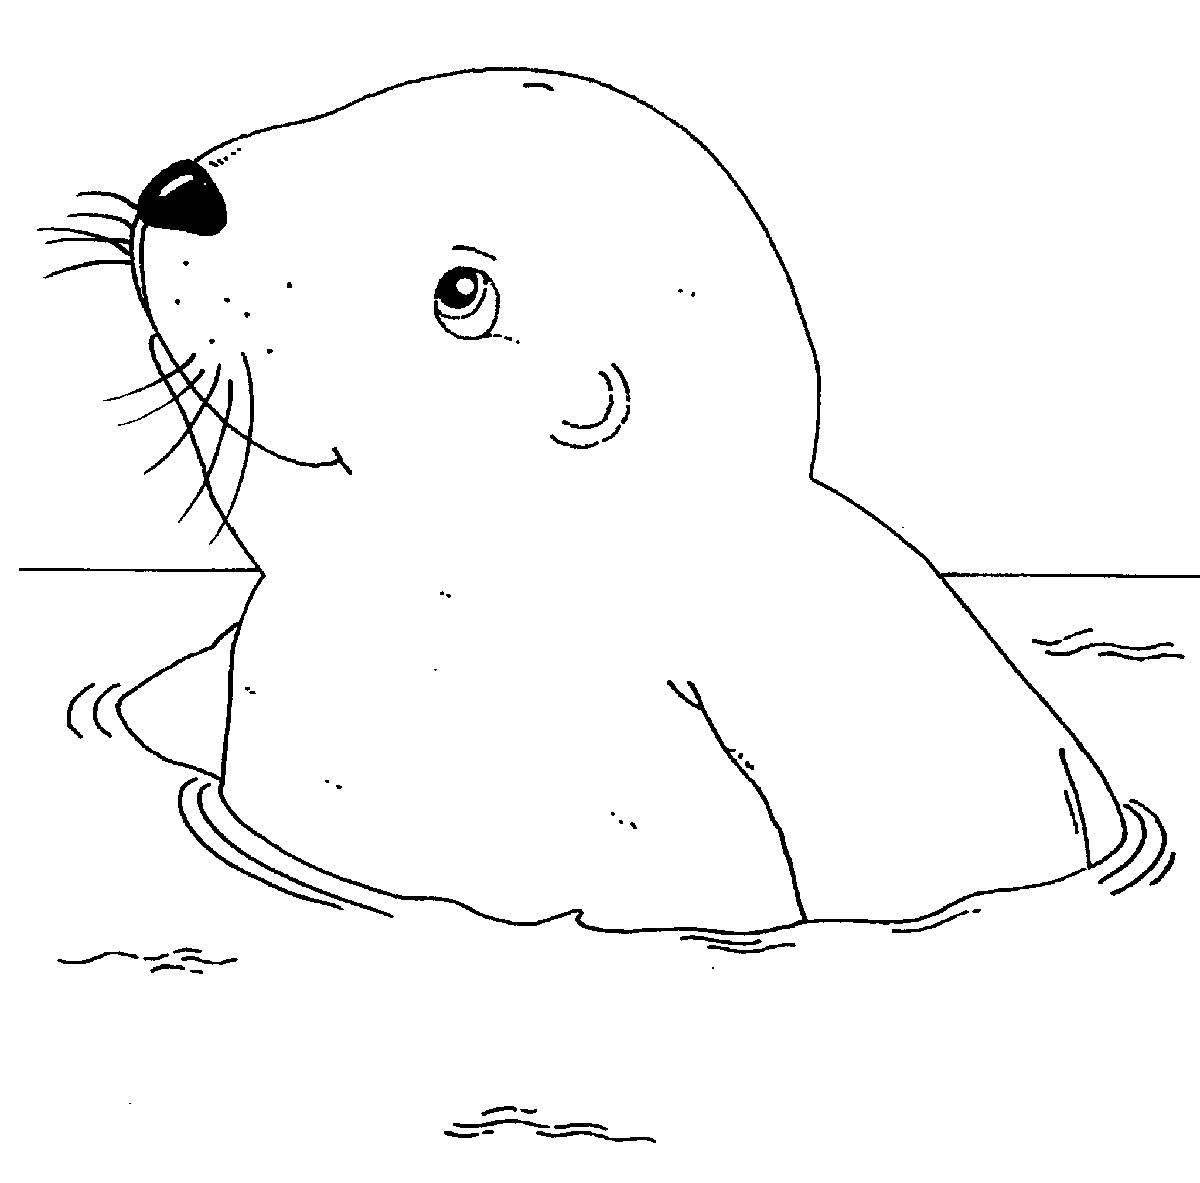 Kostenlose Malvorlage Tiere: Robbe im Wasser zum Ausmalen